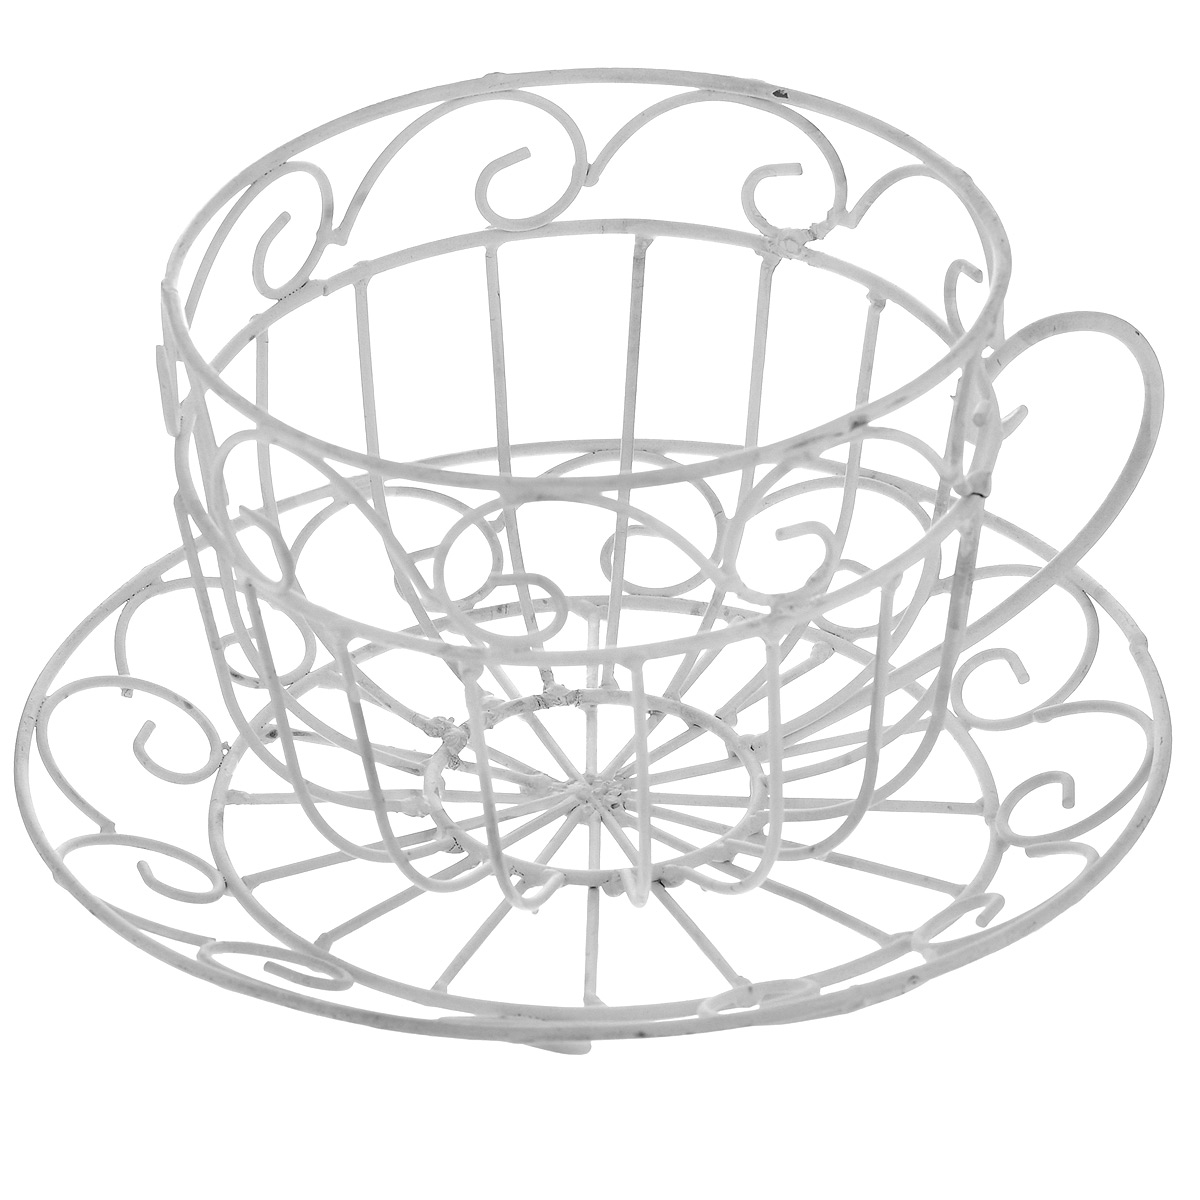 Кашпо Чайная чашка, цвет: белый, 20 х 11 см28780Кашпо Чайная чашка изготовлено из металла в виде чайной чашке.Кашпо - декоративная ваза для цветочных горшков.Фигурные кашпо для цветов служат объектом декора помещения. Дом, украшенный фигурными кашпо, приобретает свою оригинальность, свой характер. Неожиданные и оригинальные кашпо для цветов - это самый простой и доступный способ сделать дом, дачу или приусадебную территорию неповторимыми. Кашпо Чайная чашка - красивый и оригинальный сувенир для друзей и близких.Диаметр кашпо: 20 см. Высота кашпо: 11 см.